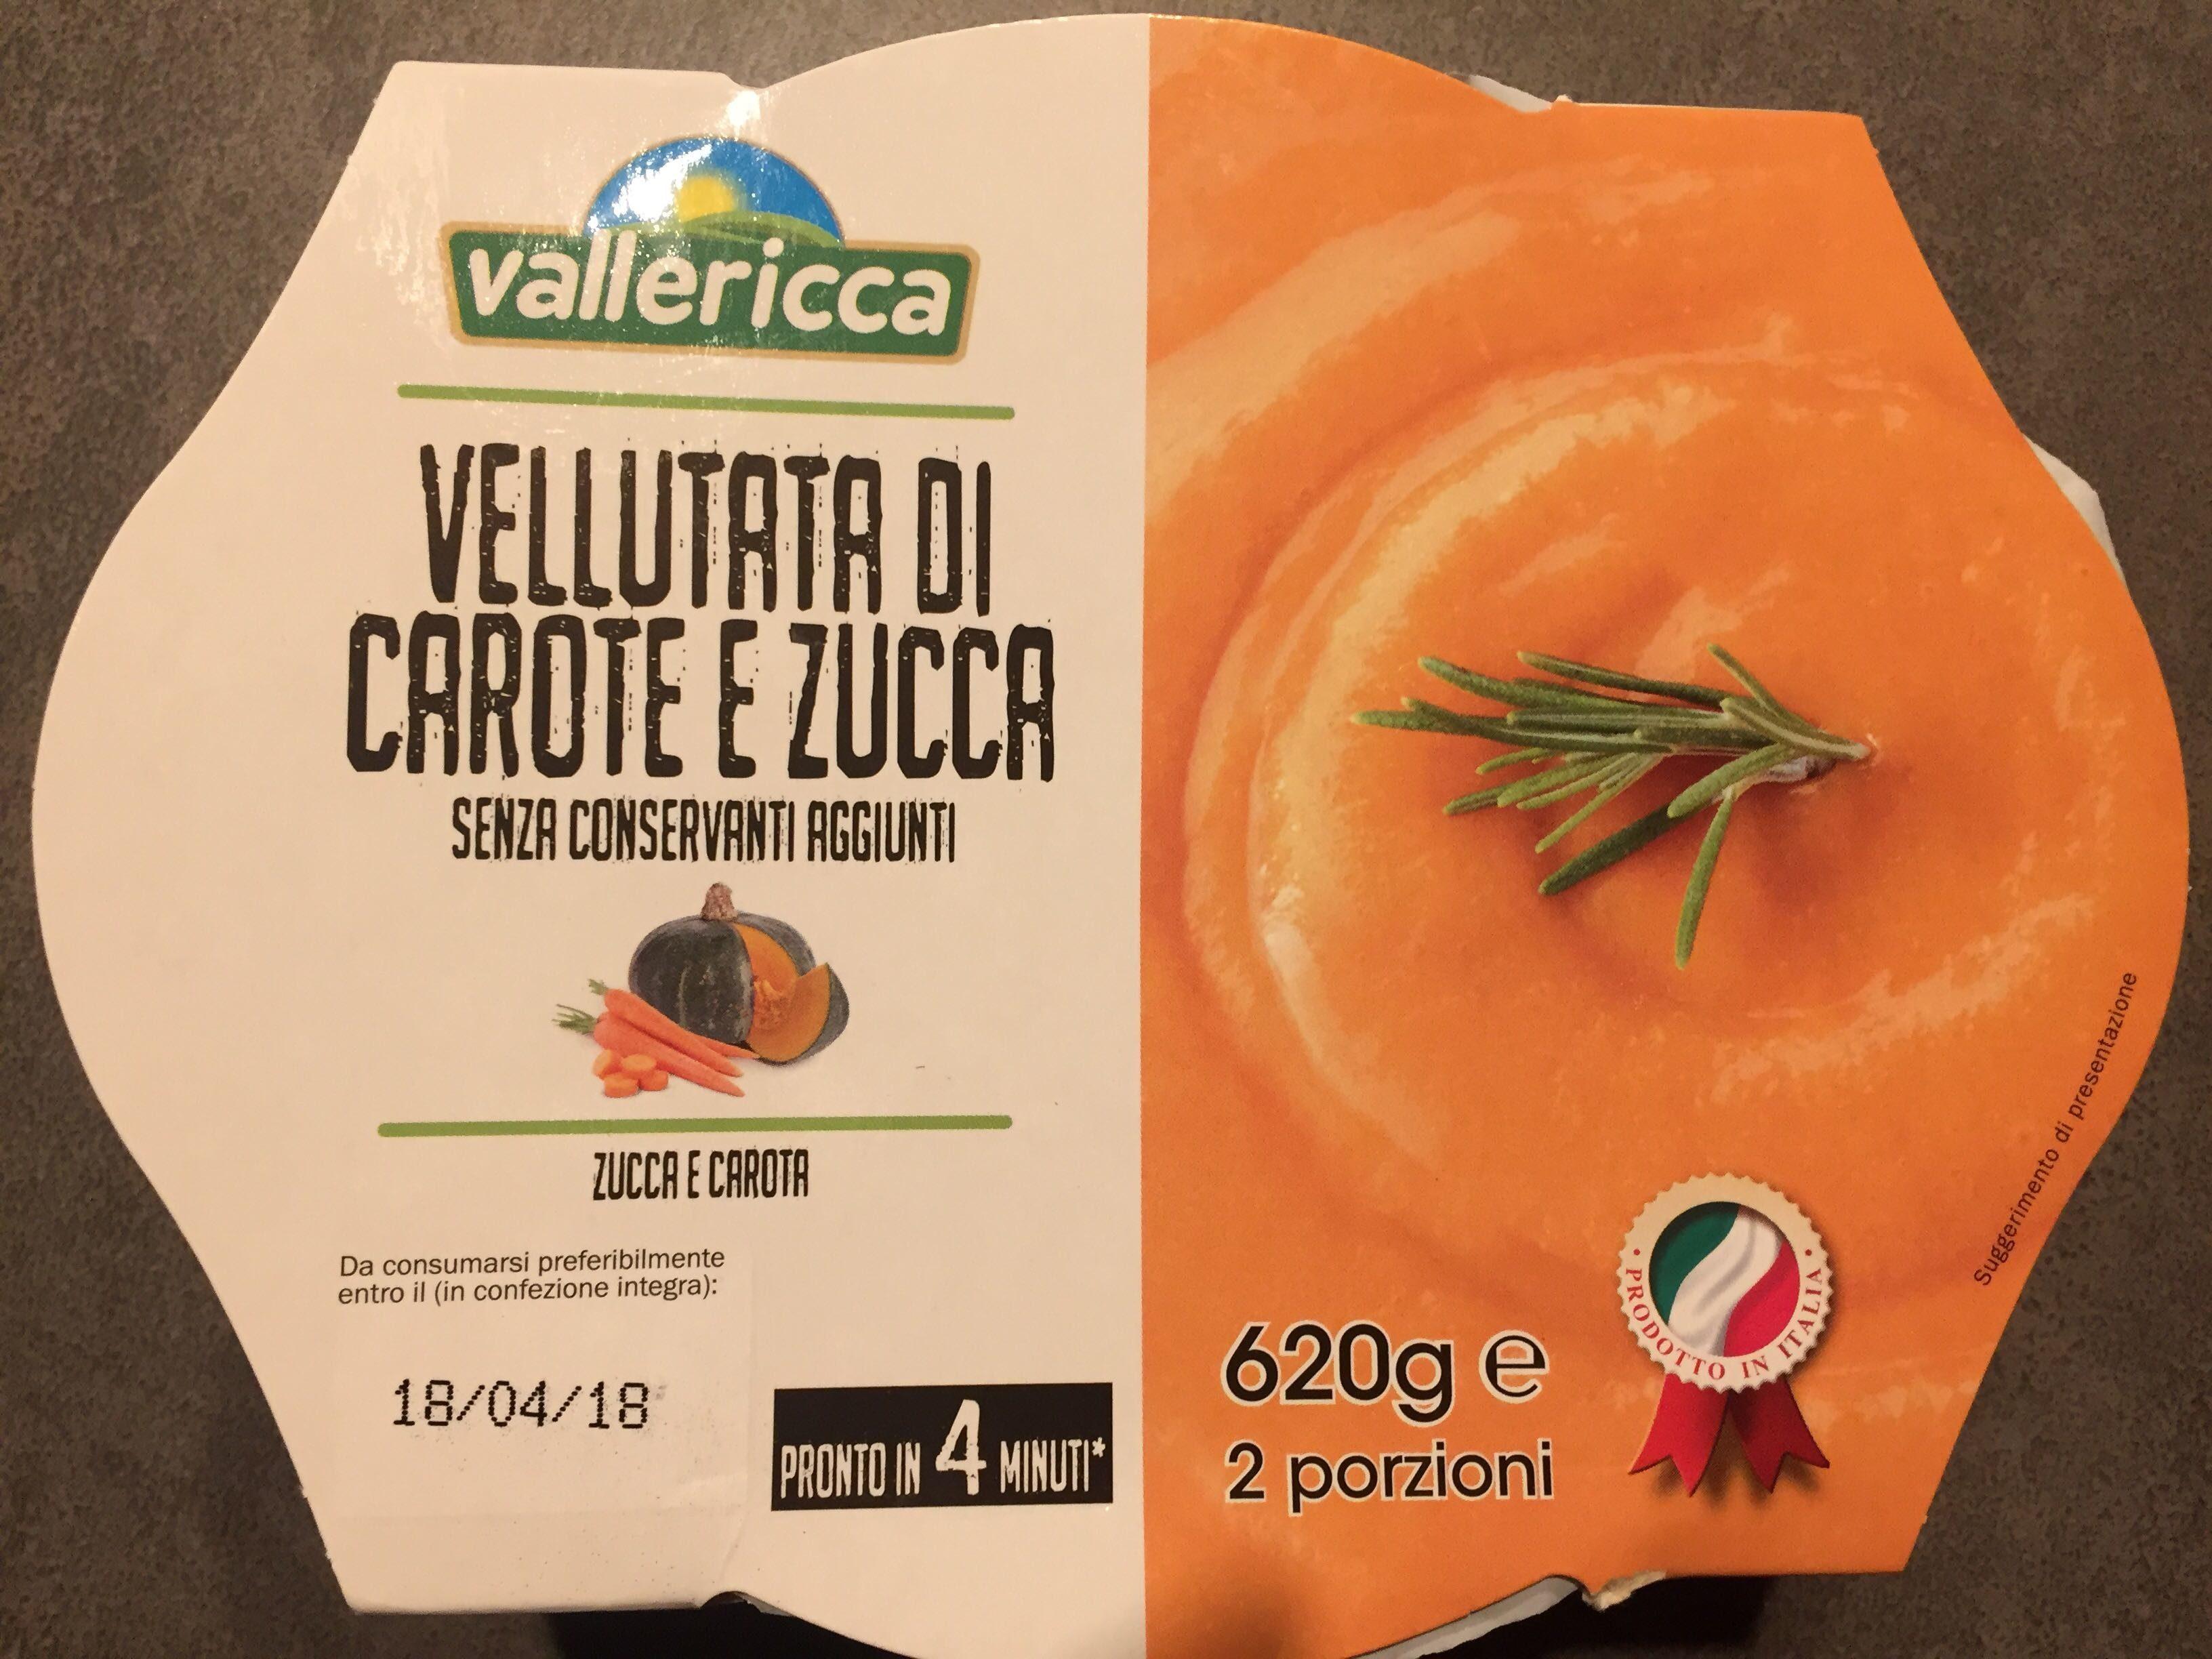 Vellutata di carote e zucca - Prodotto